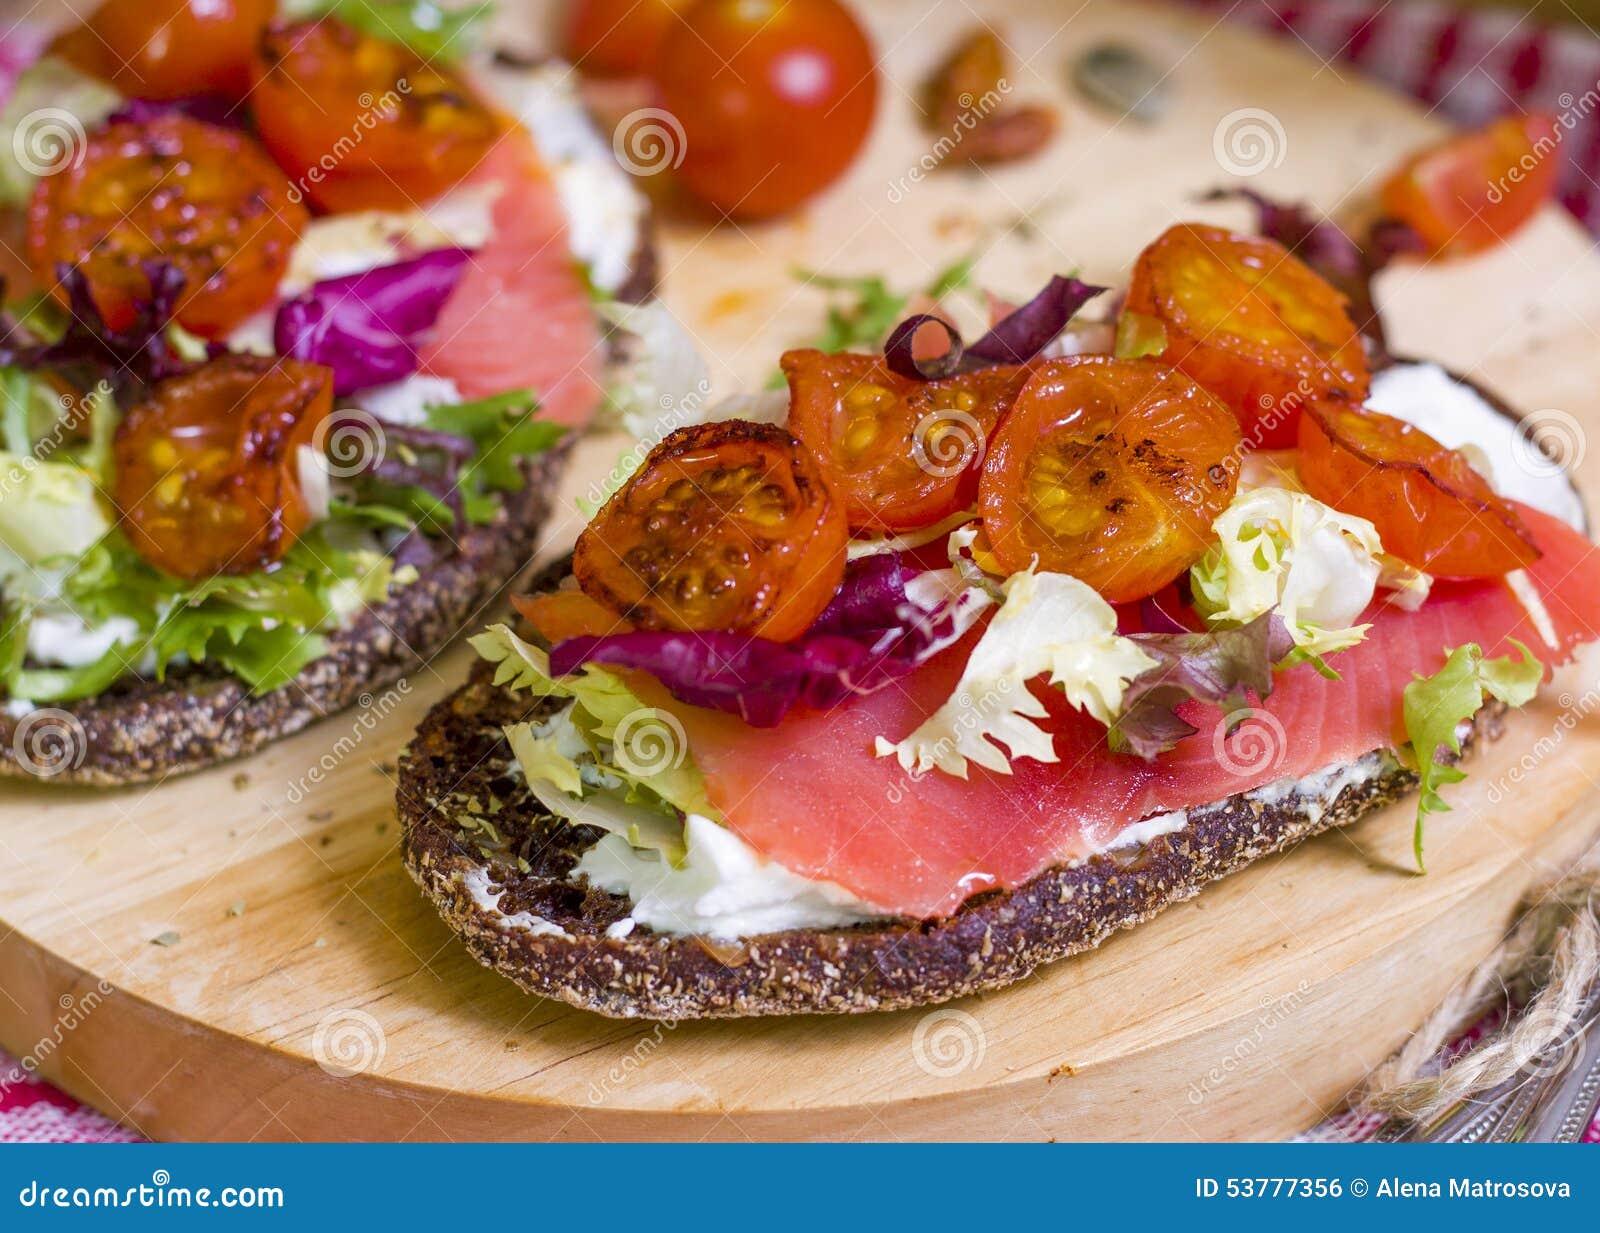 Chleb z łososiem i warzywami